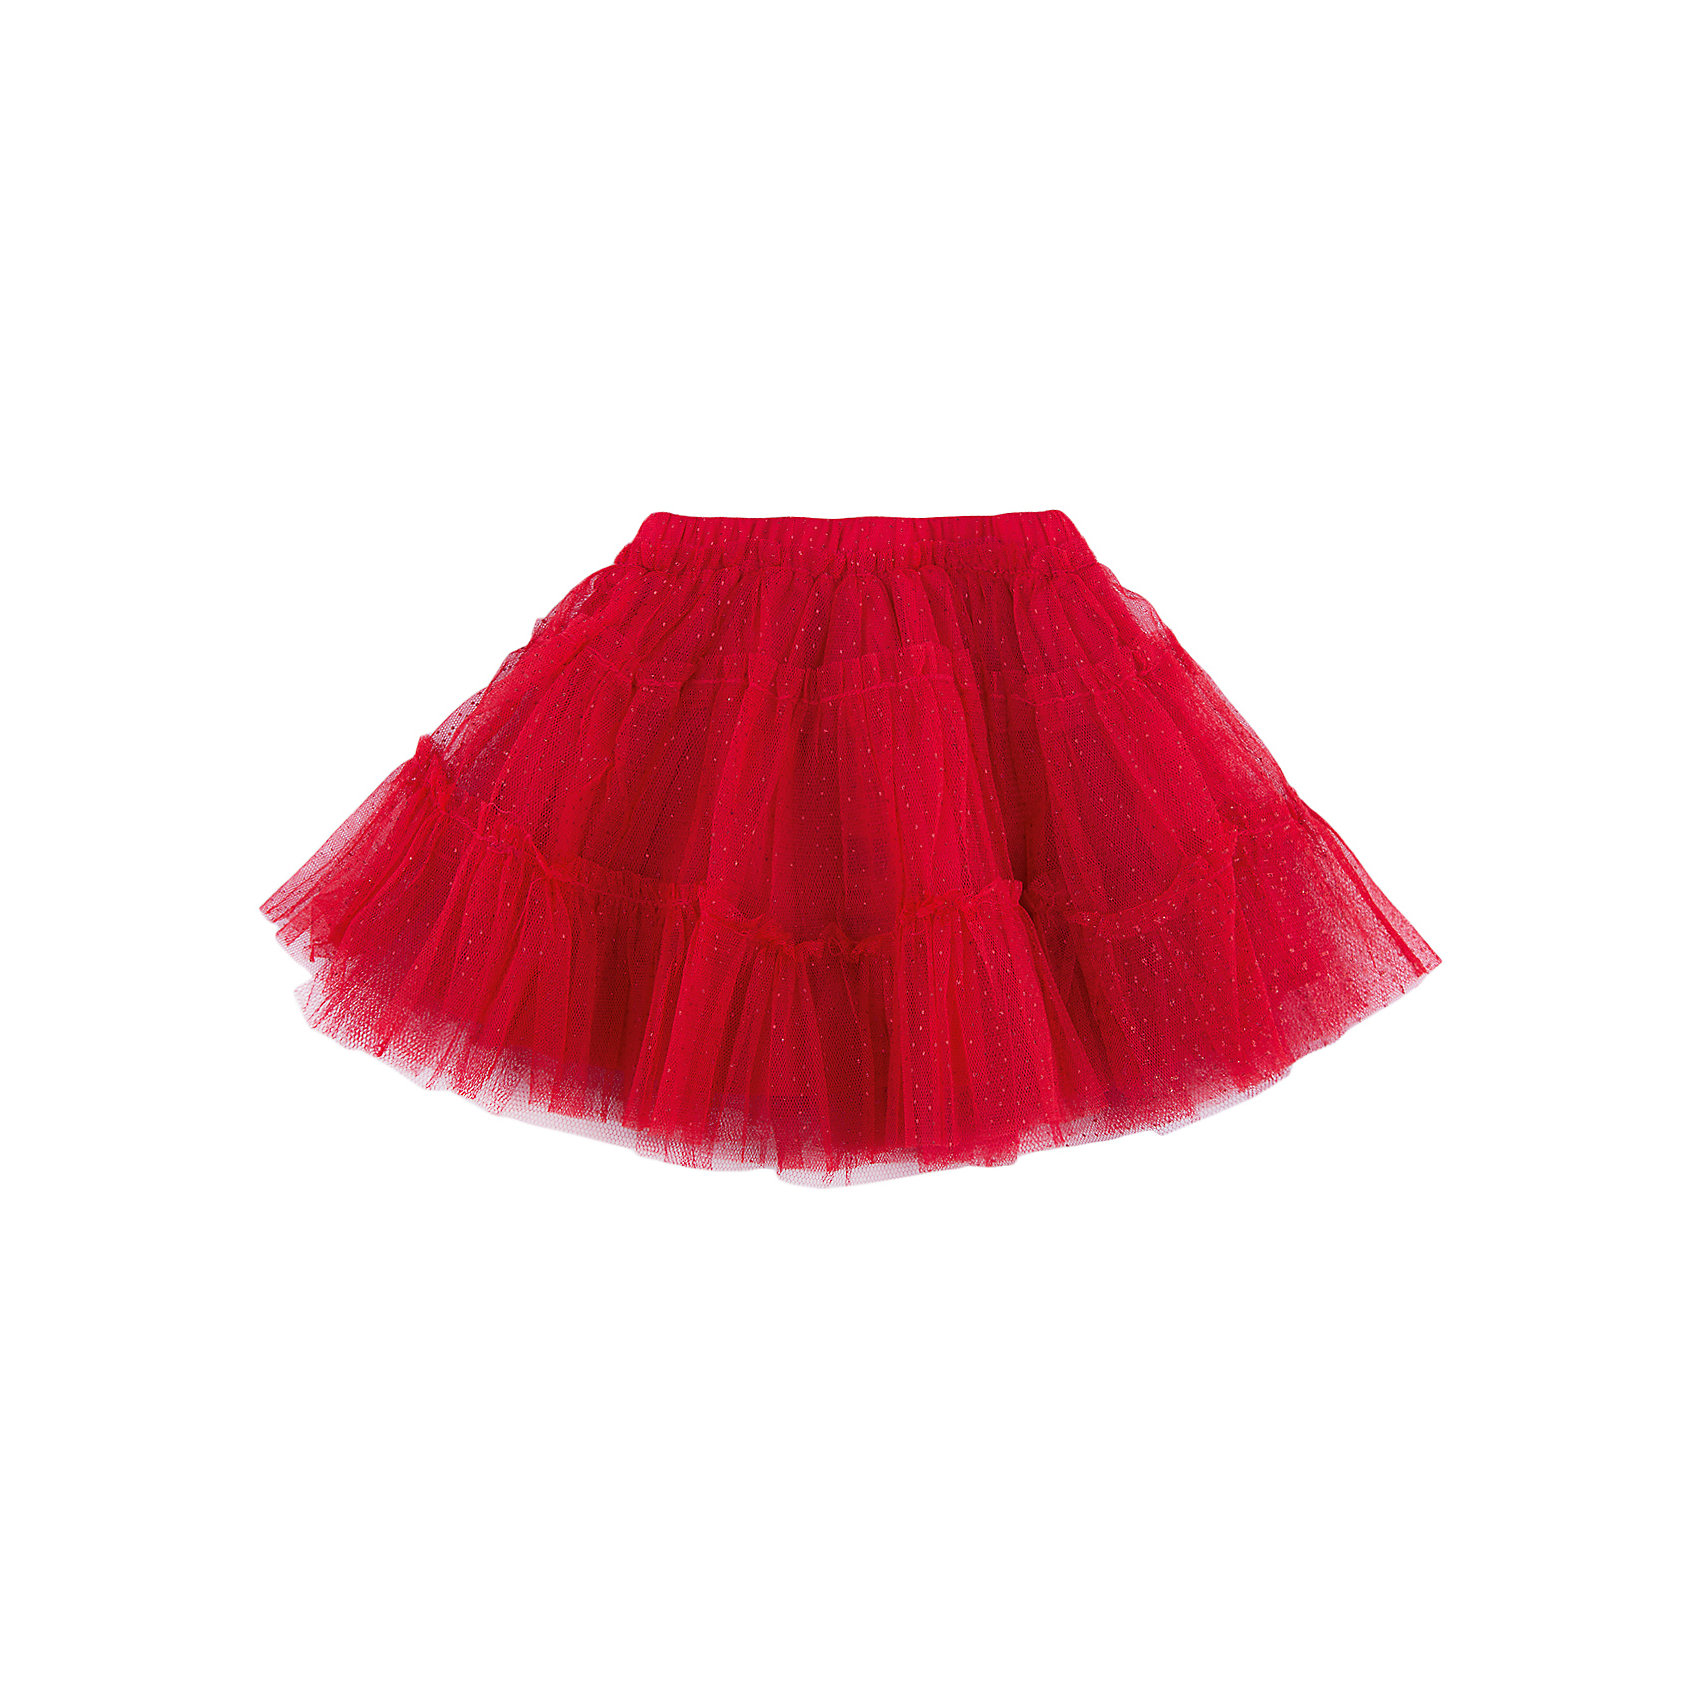 Юбка для девочки PlayTodayЮбки<br>Юбка для девочки от известного бренда PlayToday.<br>Пышная юбка-пачка.<br><br>Выполнена из легкого сетчатого материала. Хлопковая подкладка обеспечивает максимальное удобство, пояс на мягкой резинке. Украшена россыпью сверкающих блесток.<br>Состав:<br>Верх: 100% полиэстер, Подкладка: 100% хлопок<br><br>Ширина мм: 207<br>Глубина мм: 10<br>Высота мм: 189<br>Вес г: 183<br>Цвет: красный<br>Возраст от месяцев: 72<br>Возраст до месяцев: 84<br>Пол: Женский<br>Возраст: Детский<br>Размер: 122,104,128,116,98,110<br>SKU: 5114001